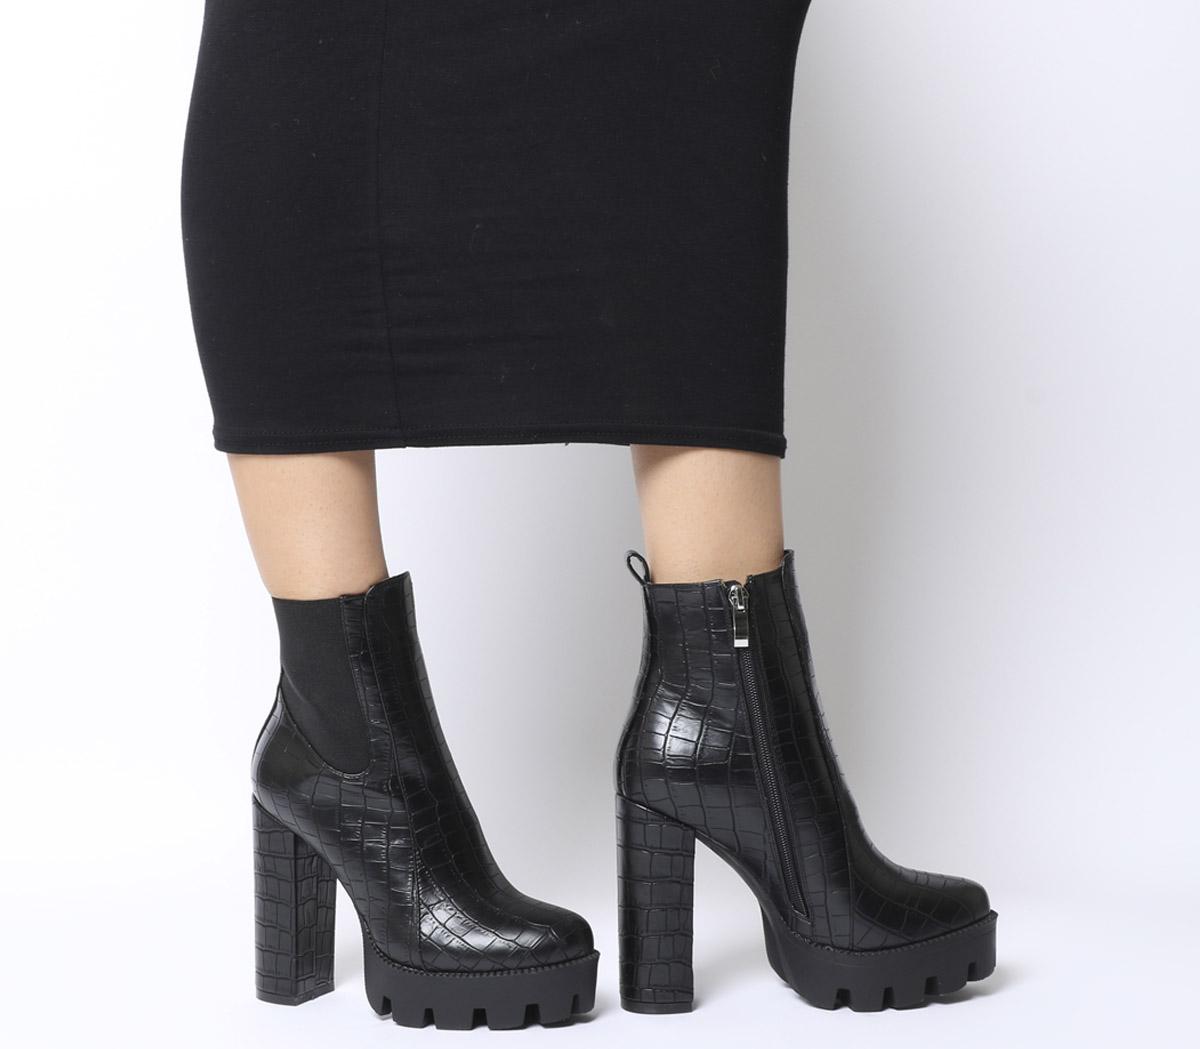 Los Angeles sortie de gros en vente en ligne Détails sur Femme EGO Atlas Bottines à talon noir croco boots- afficher le  titre d'origine